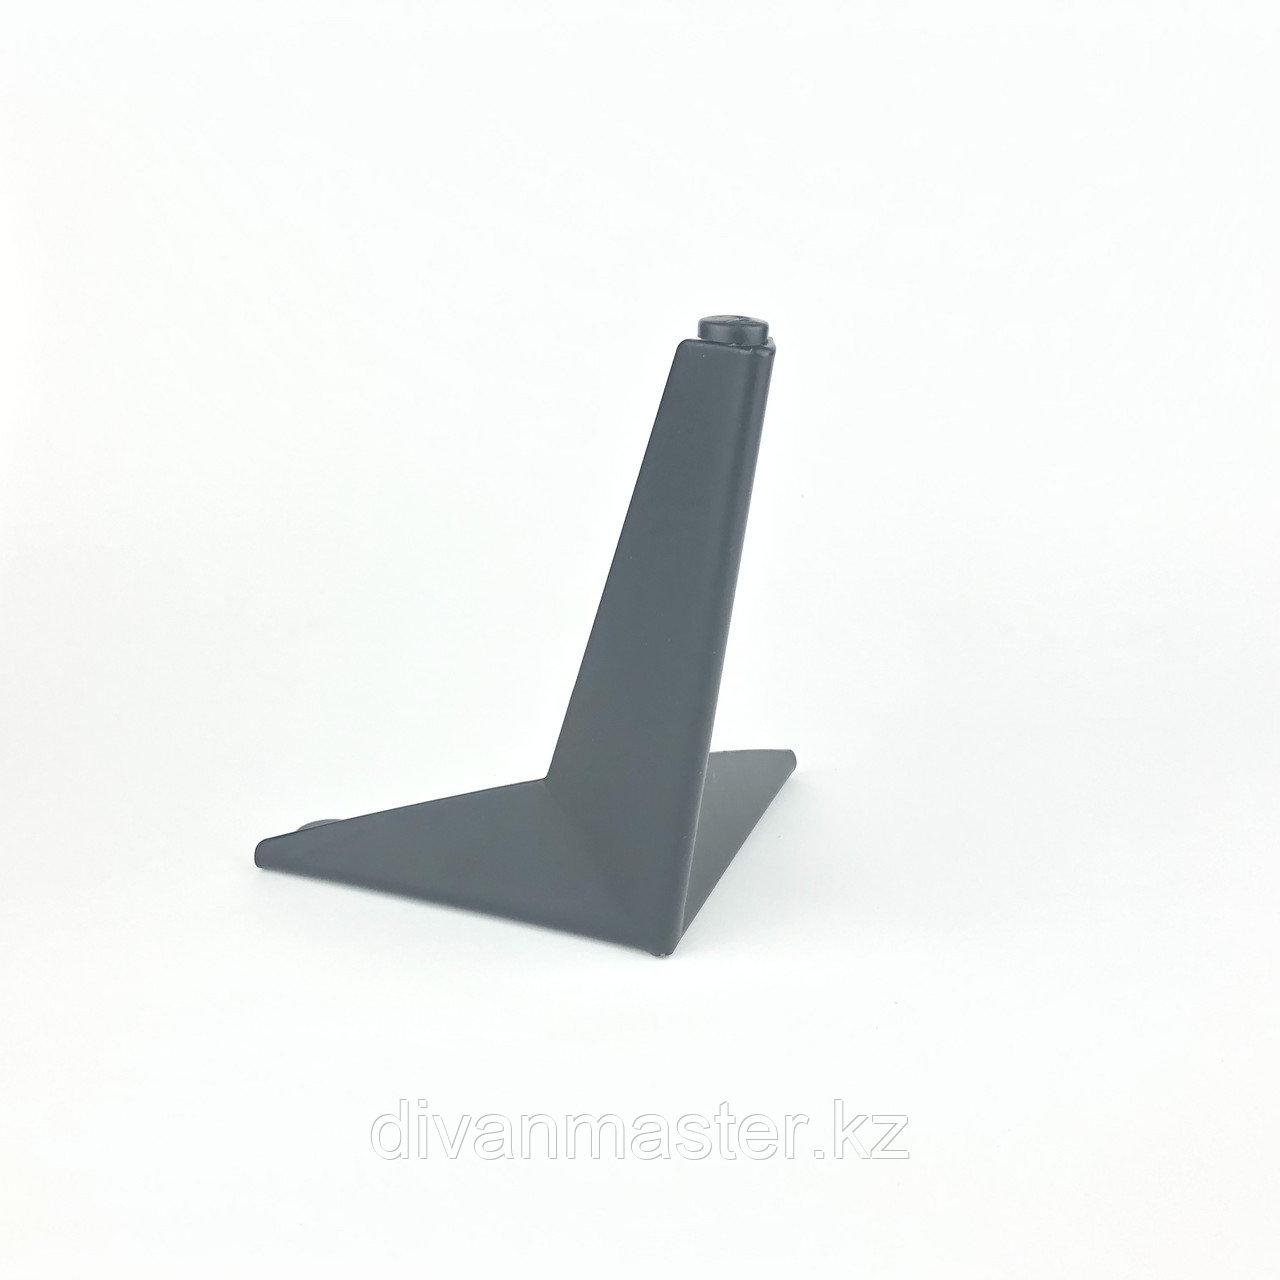 Ножка стальная с наклоном, для диванов и кресел, 13 см